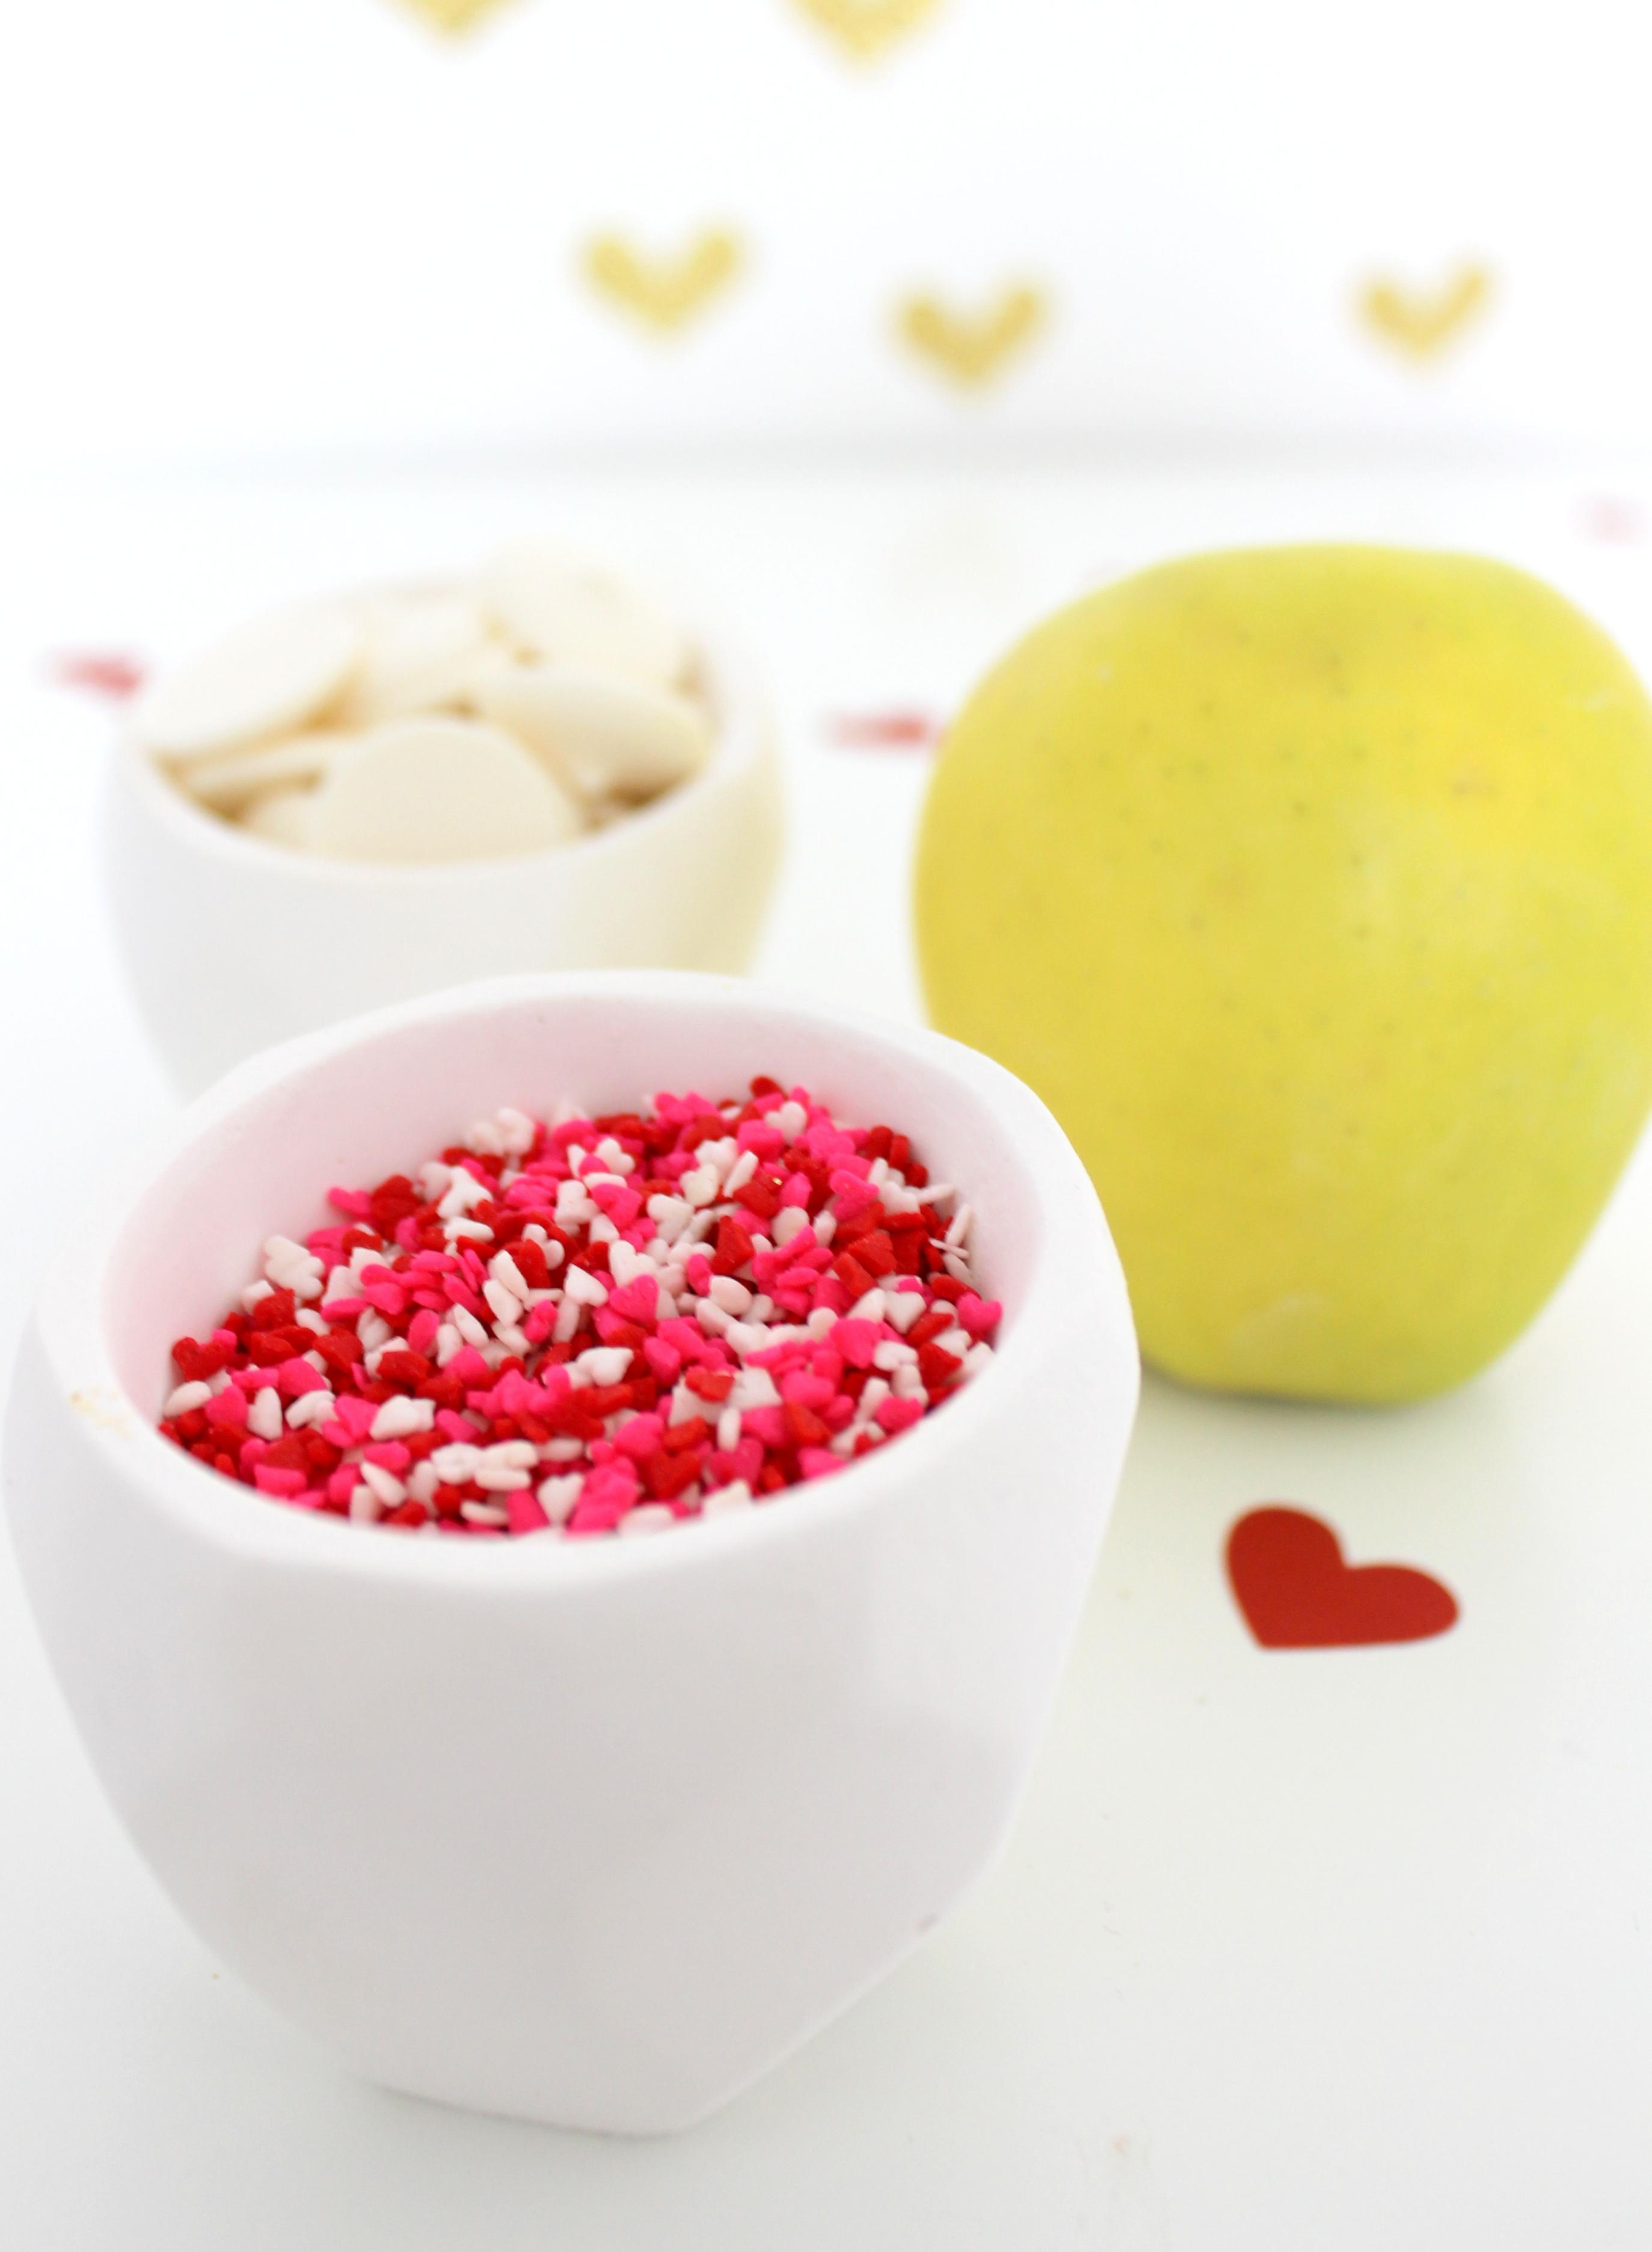 DIY Valentine's Day Apple Supplies